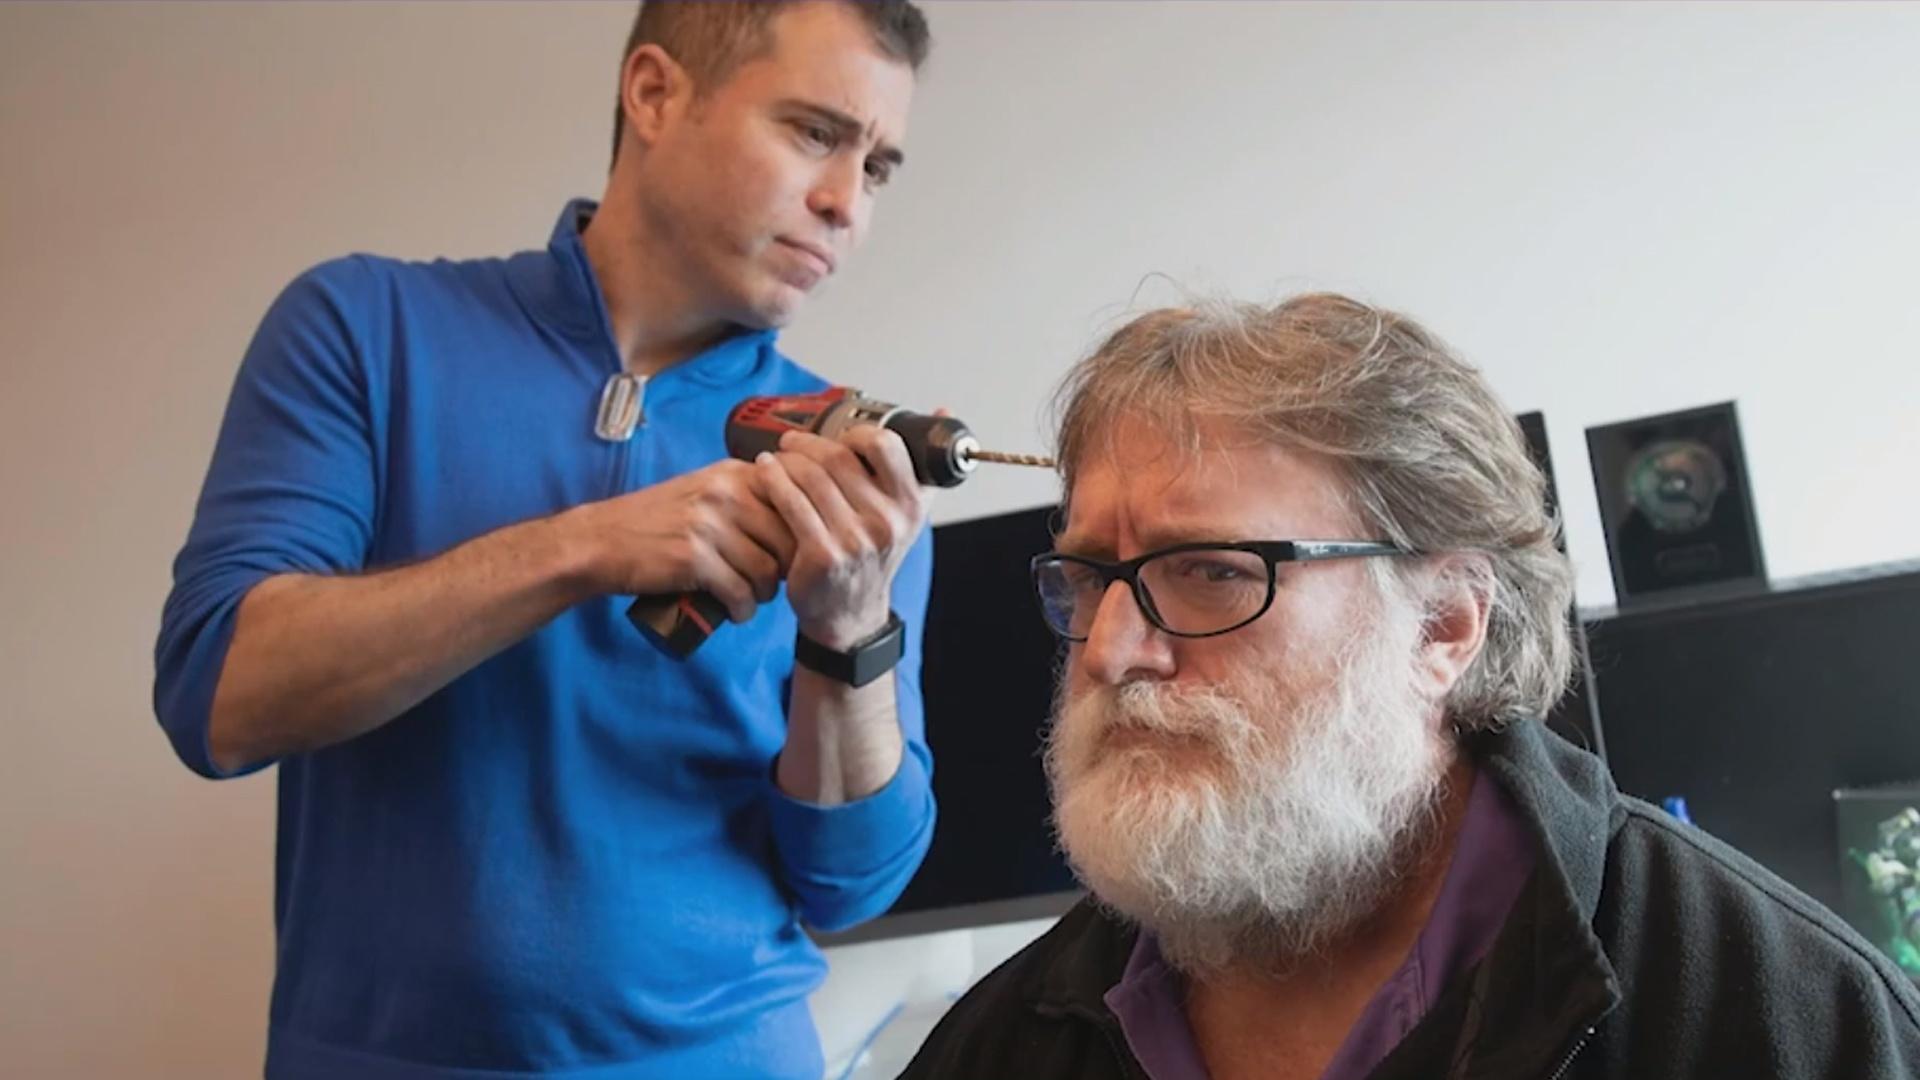 Gabe Newell über Hirn-Interface: »Realität wird dagegen verblassen«